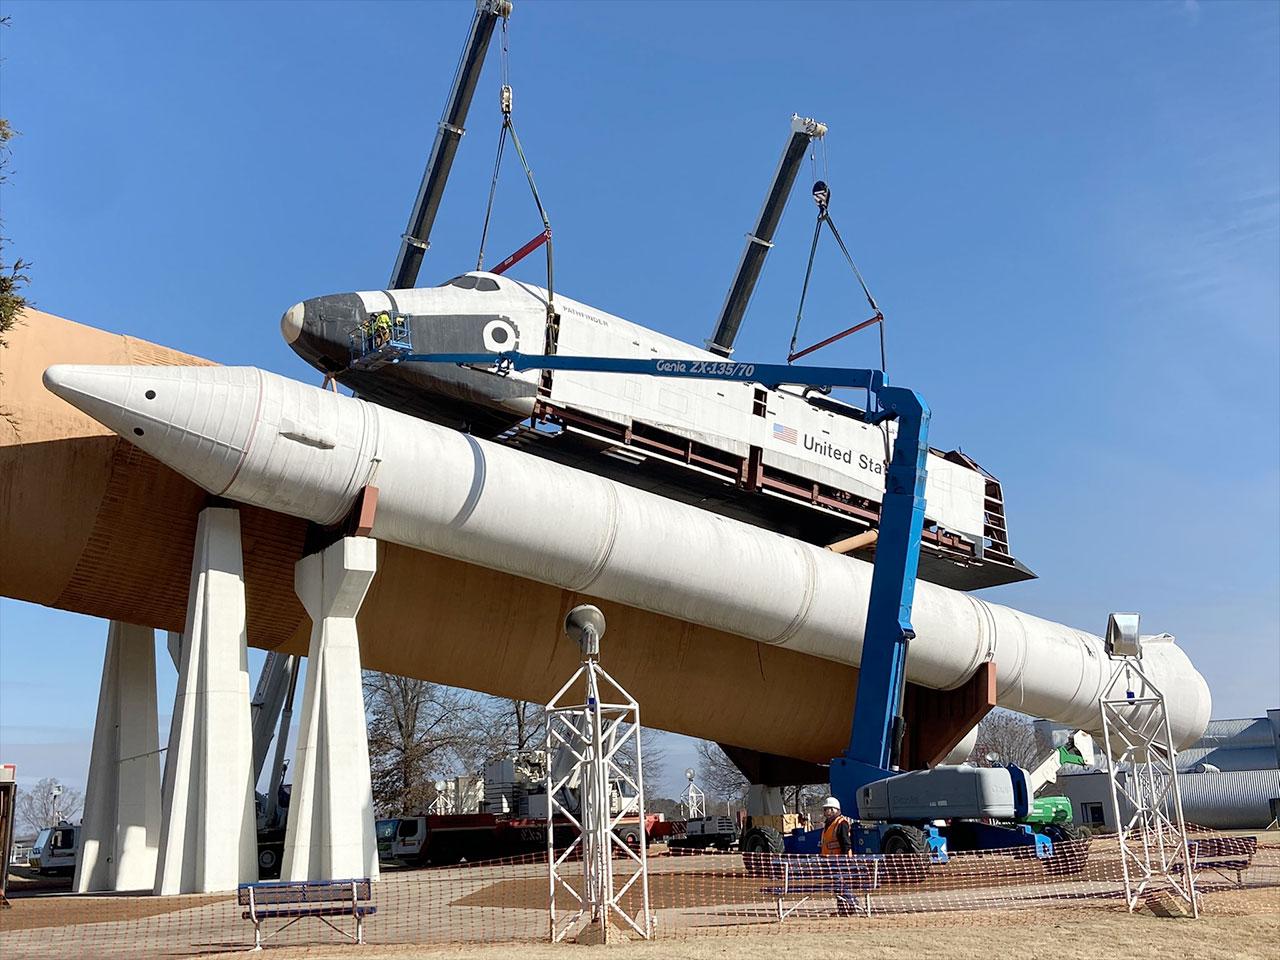 De grandes grues ont été utilisées pour abaisser l'orbiteur de la navette spatiale partiellement démonté.